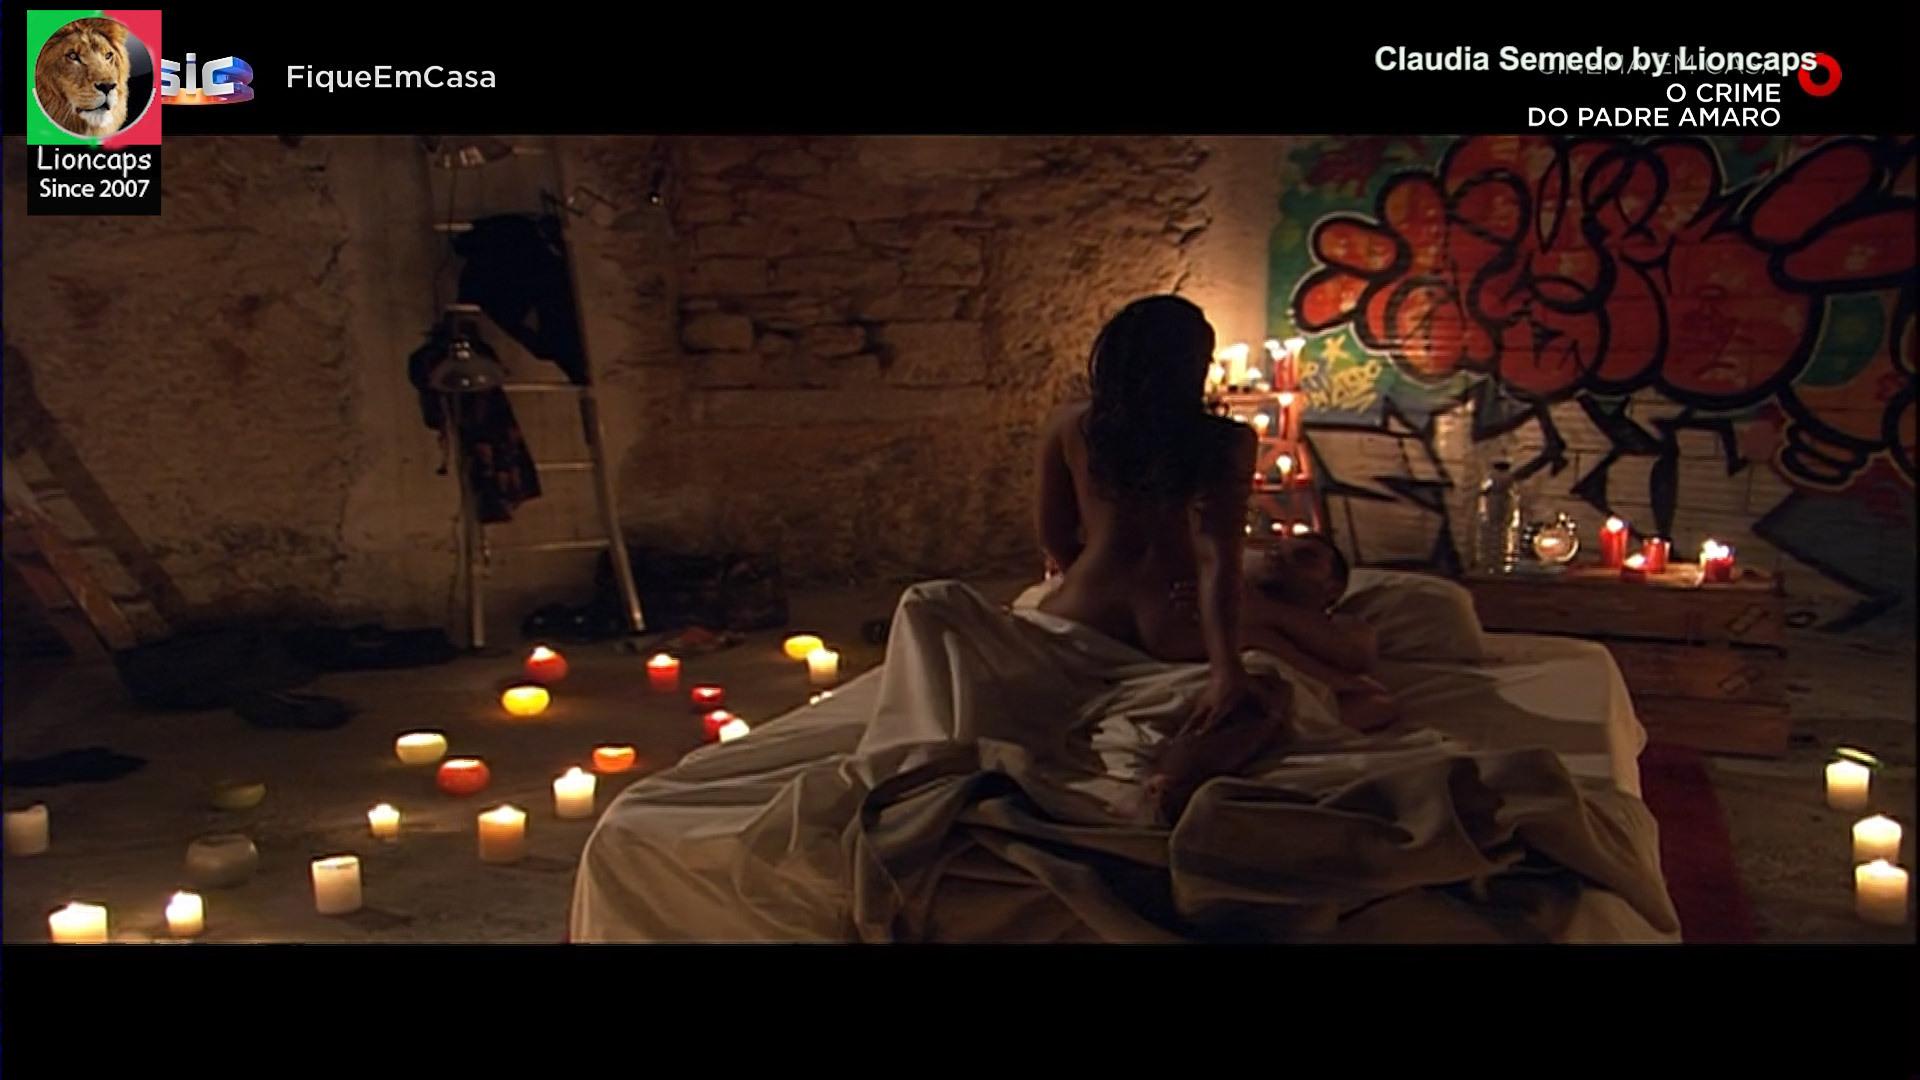 claudia_semedo_crime_padre_lioncaps_27_03_2021 (2).jpg